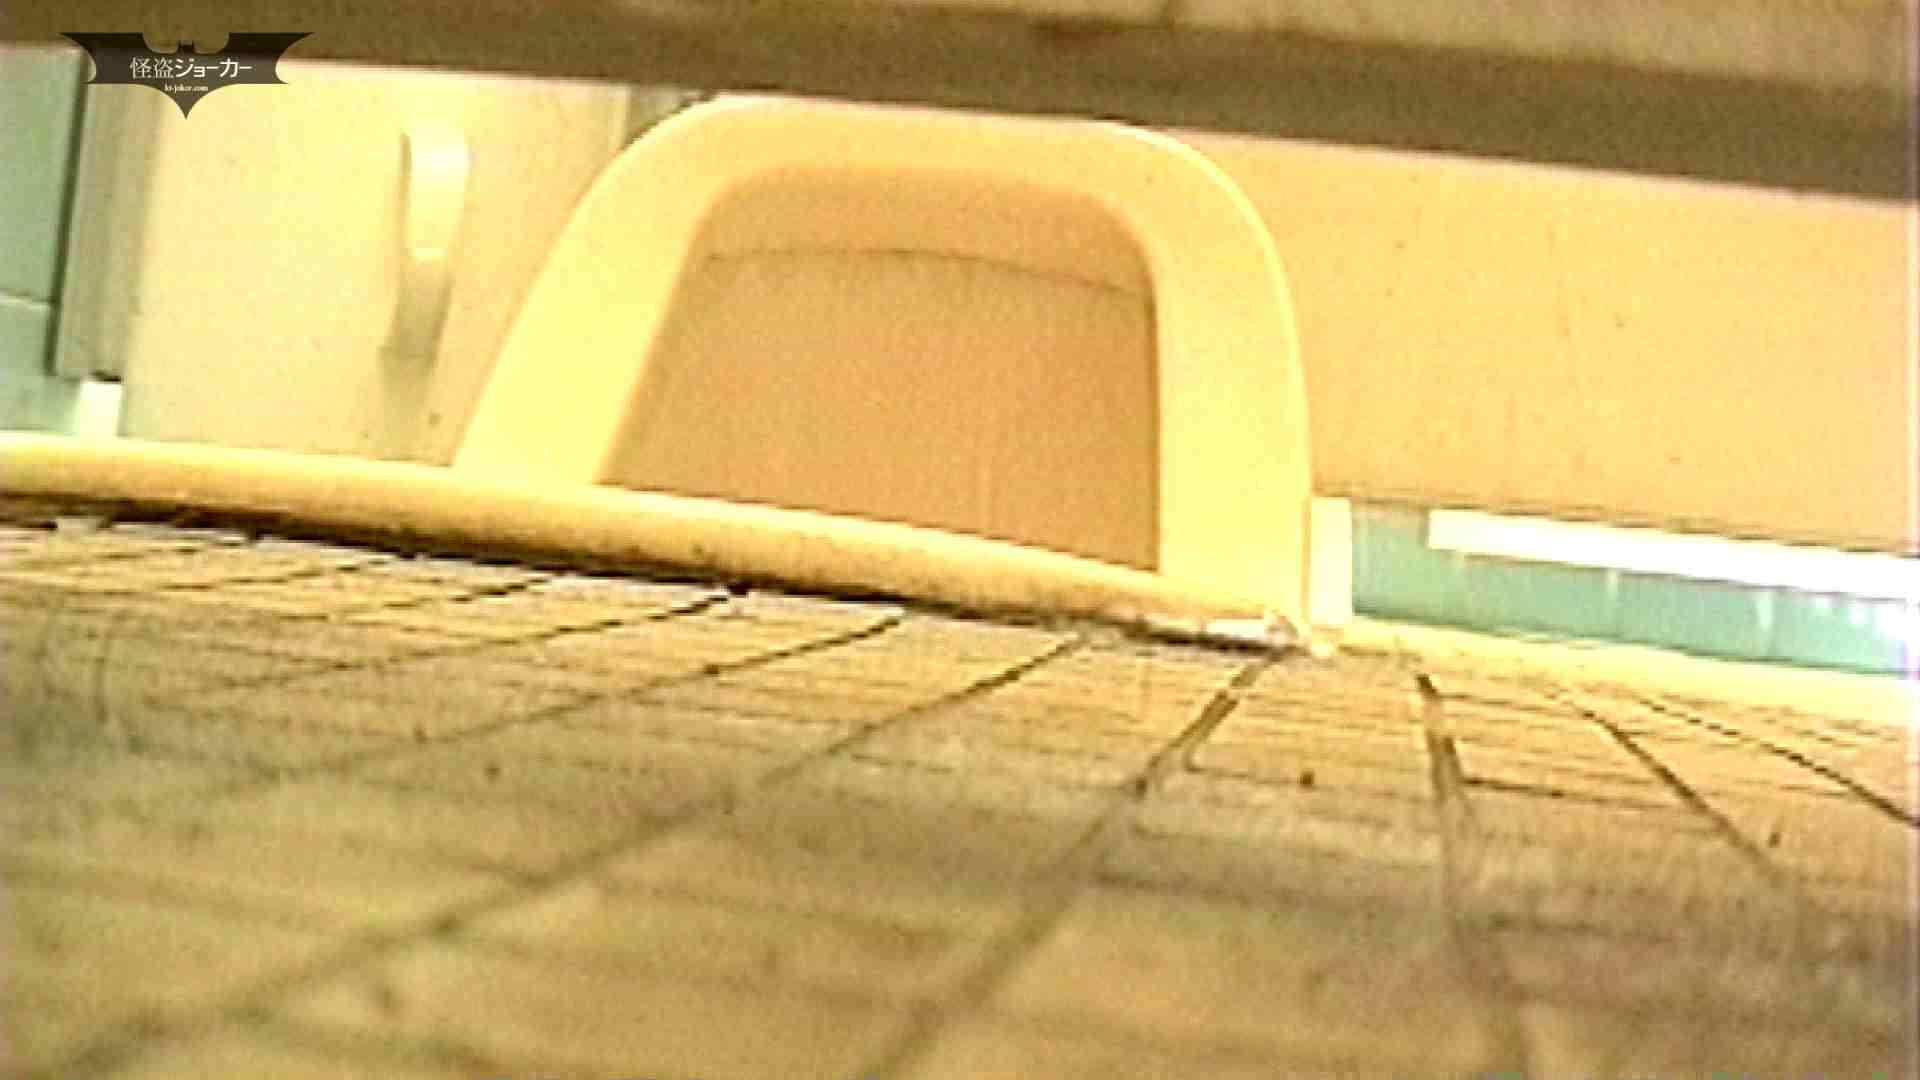 女の子の休み時間のひととき Vol.03 OLのボディ オメコ無修正動画無料 69PIX 30